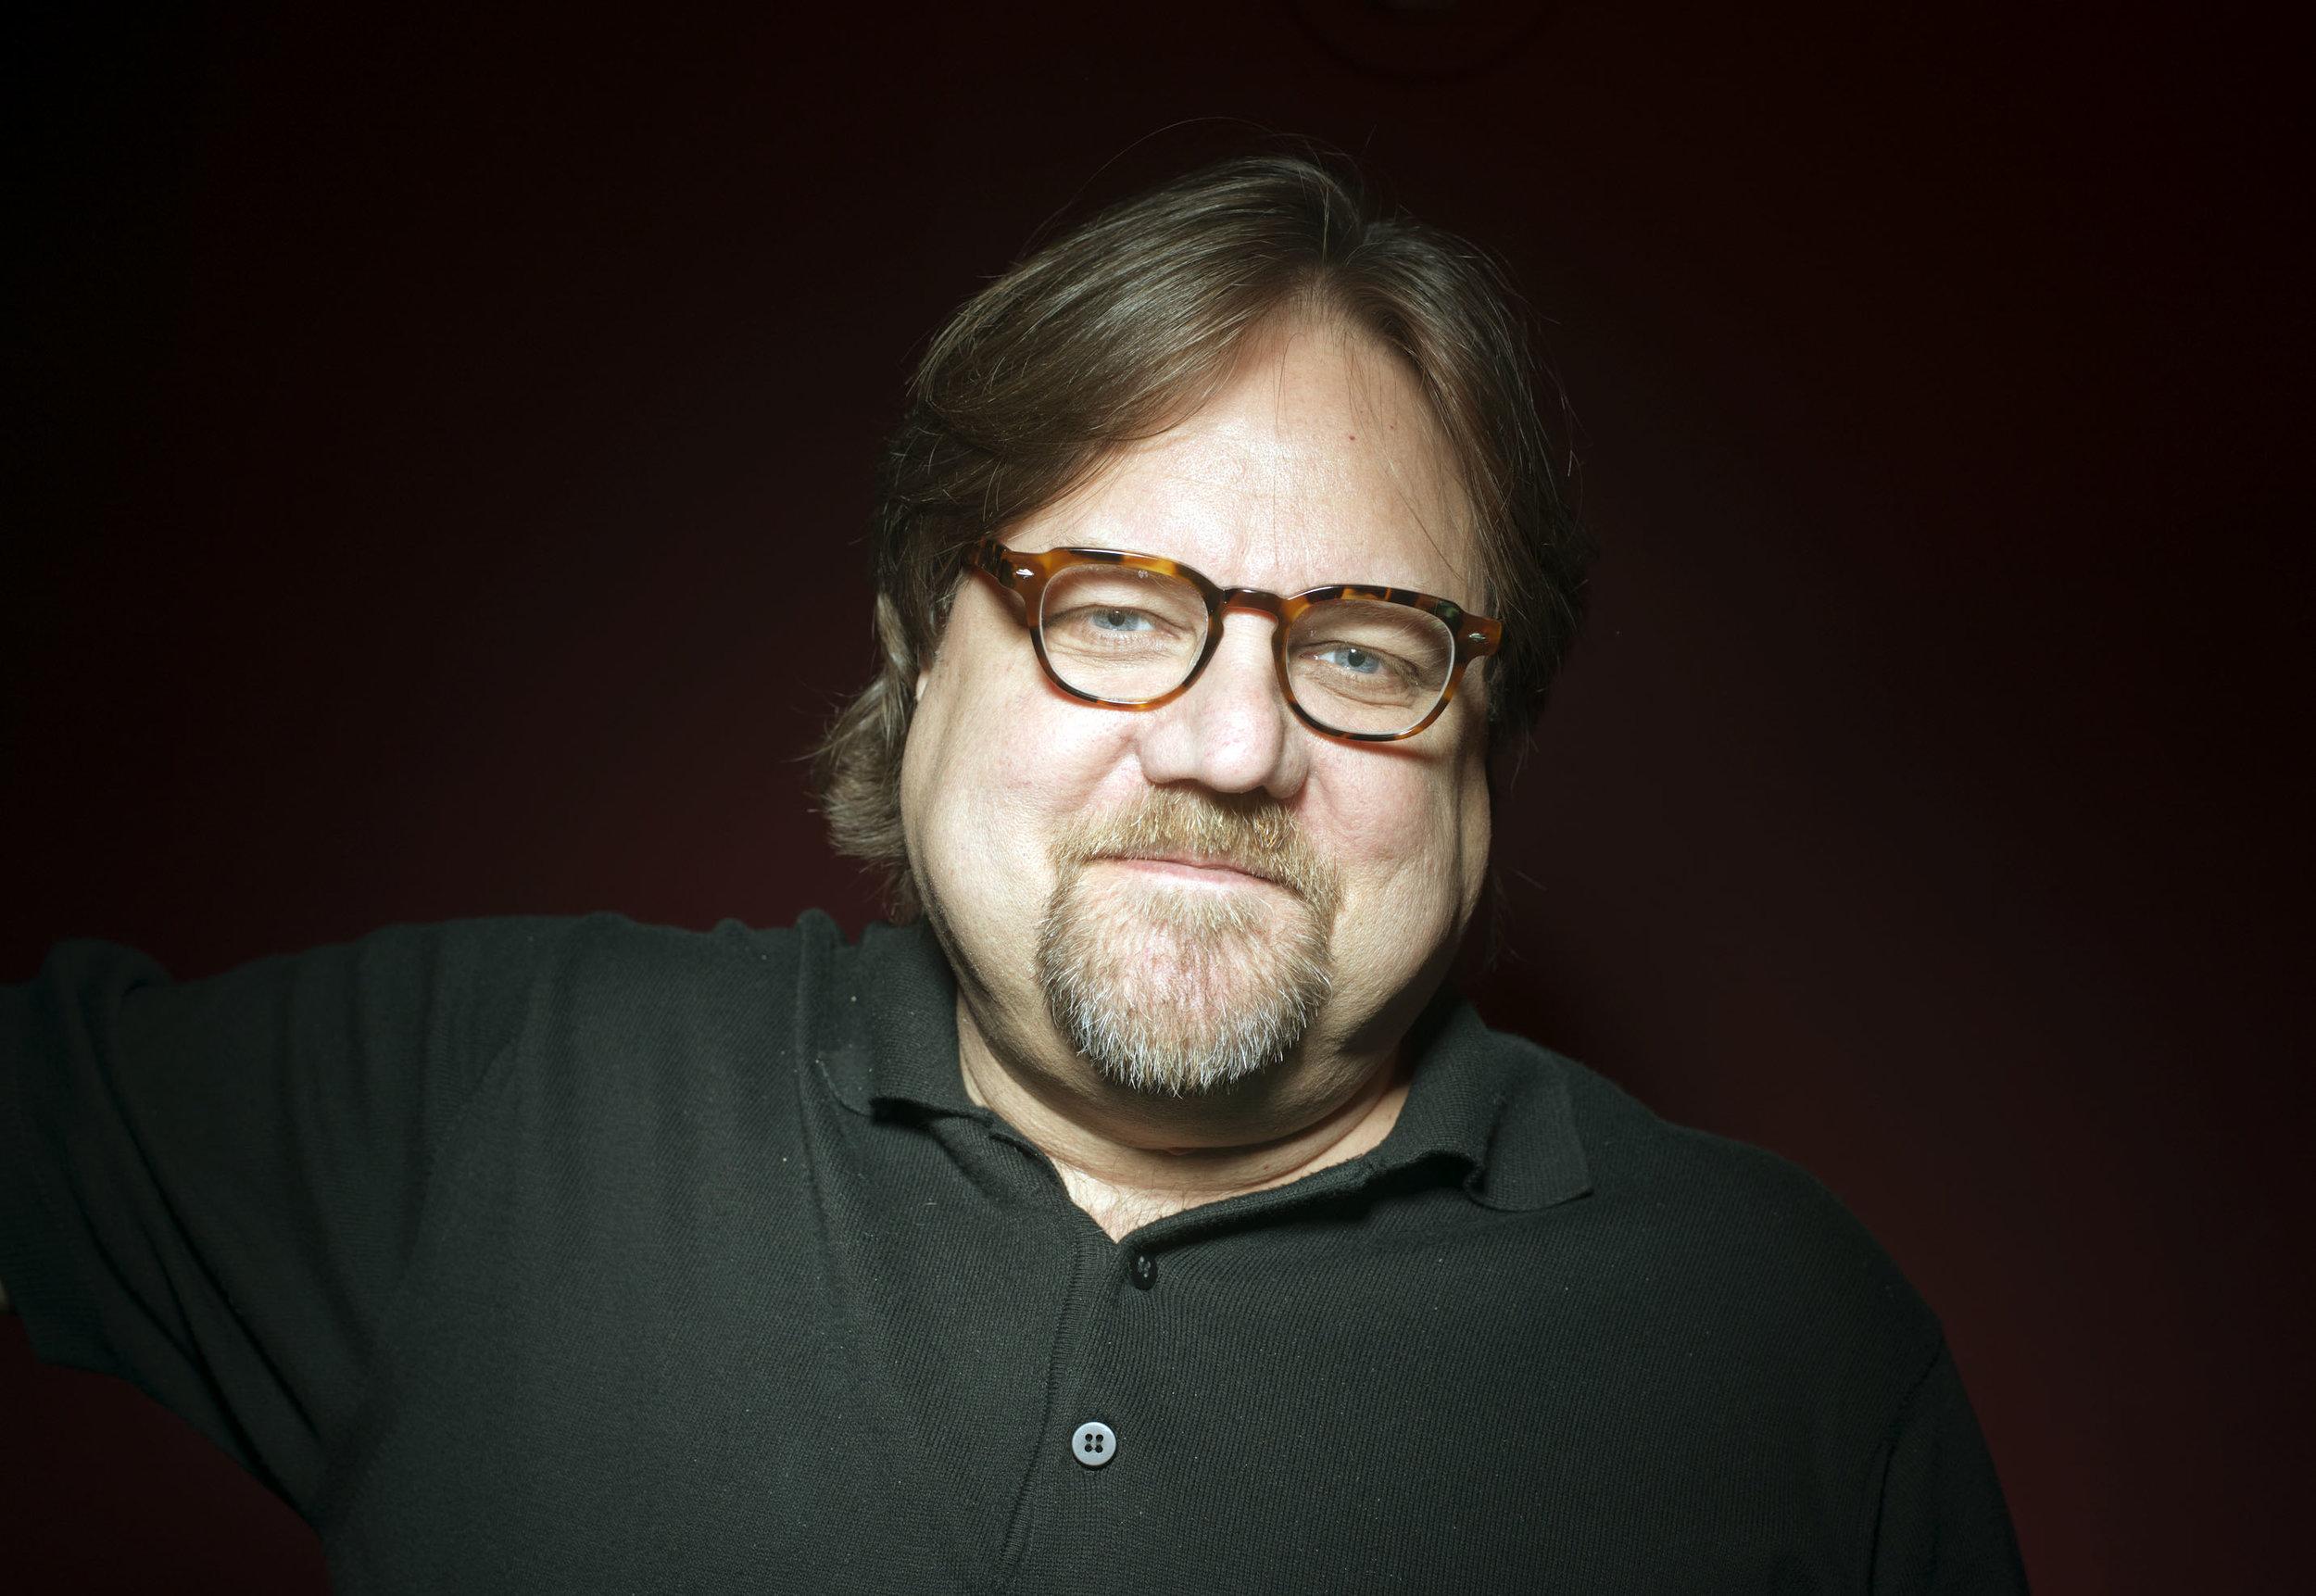 Michael Jensen, President/Founder